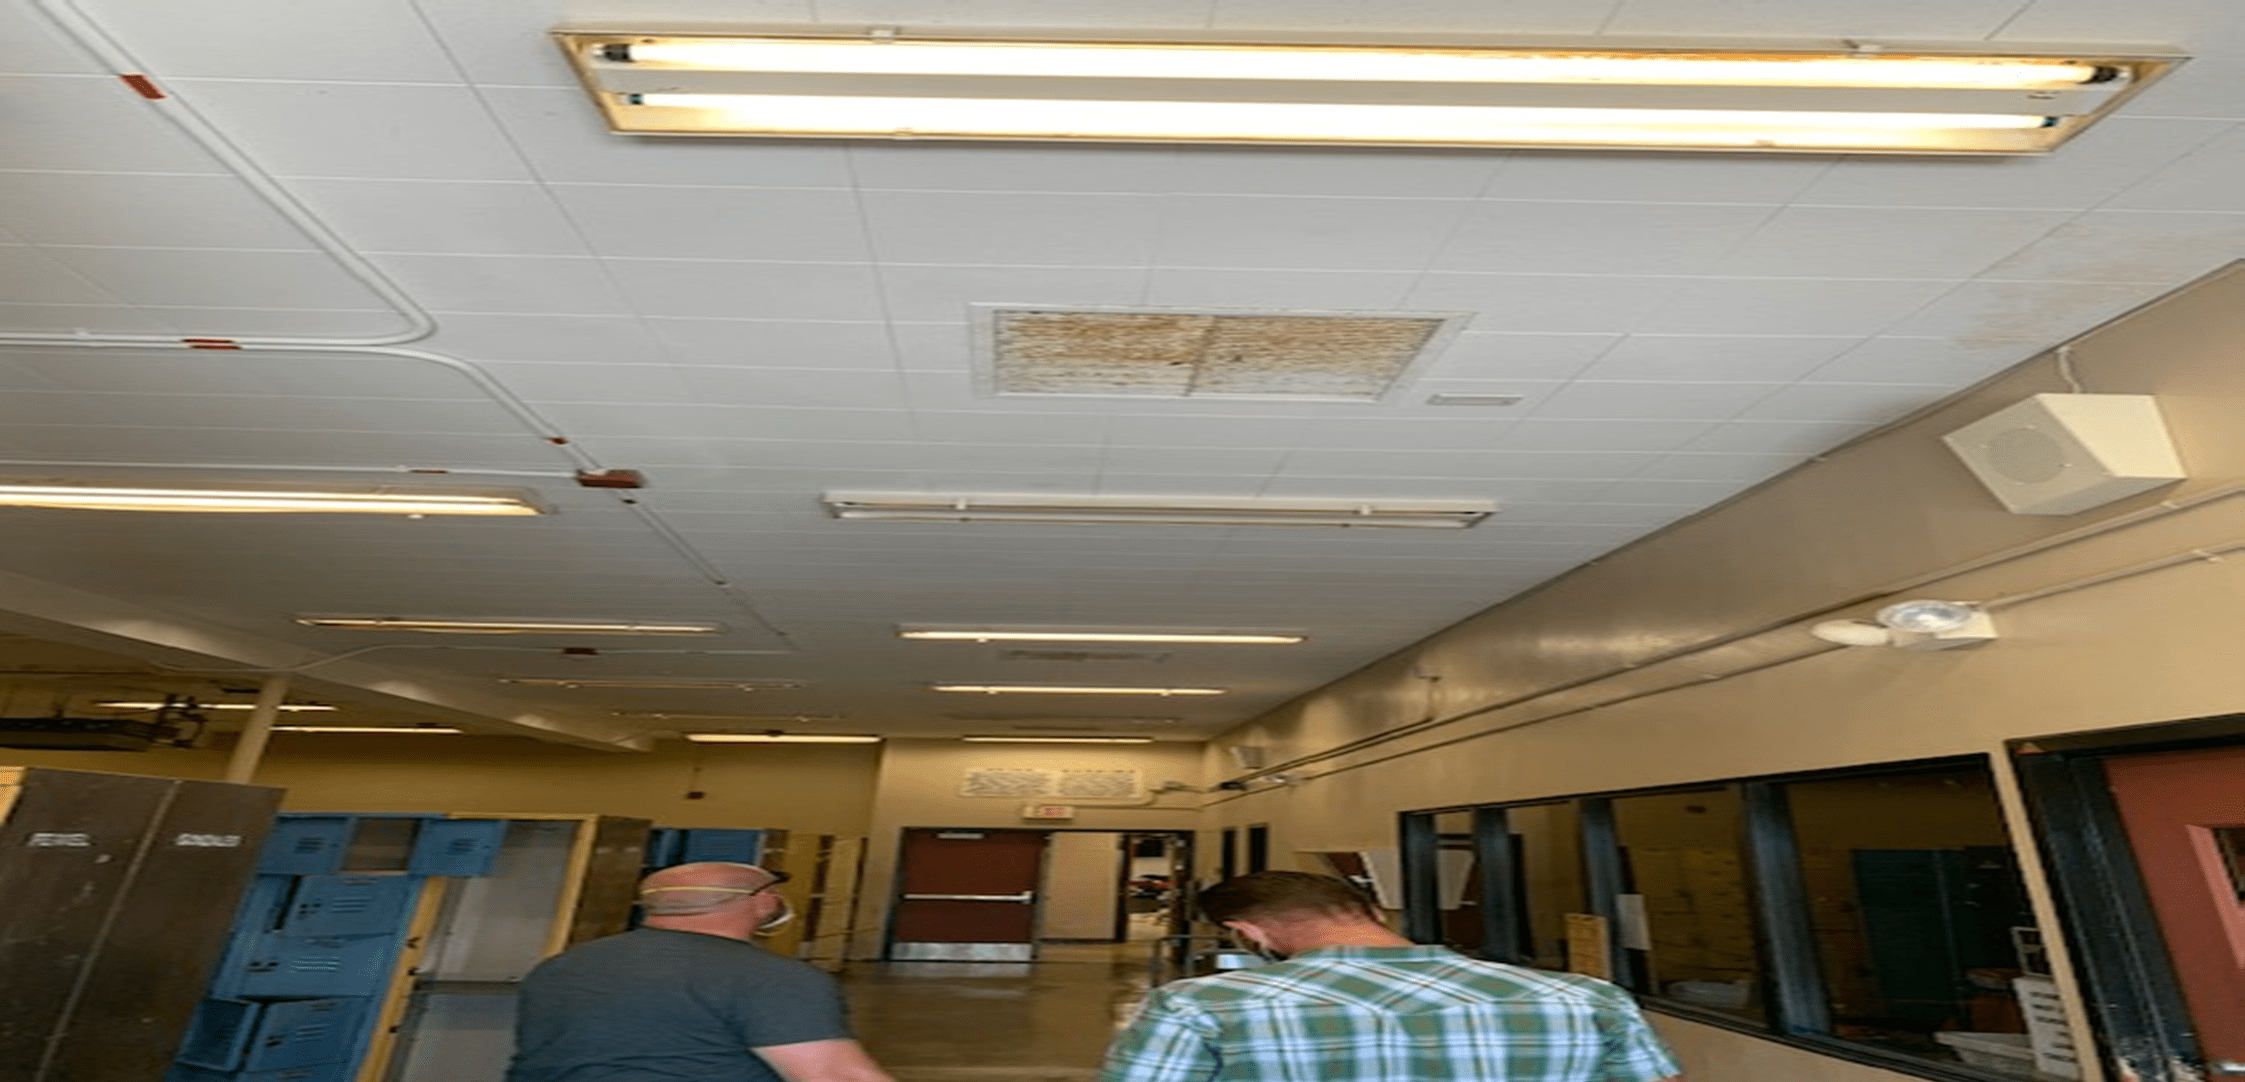 ECHS Locker Room